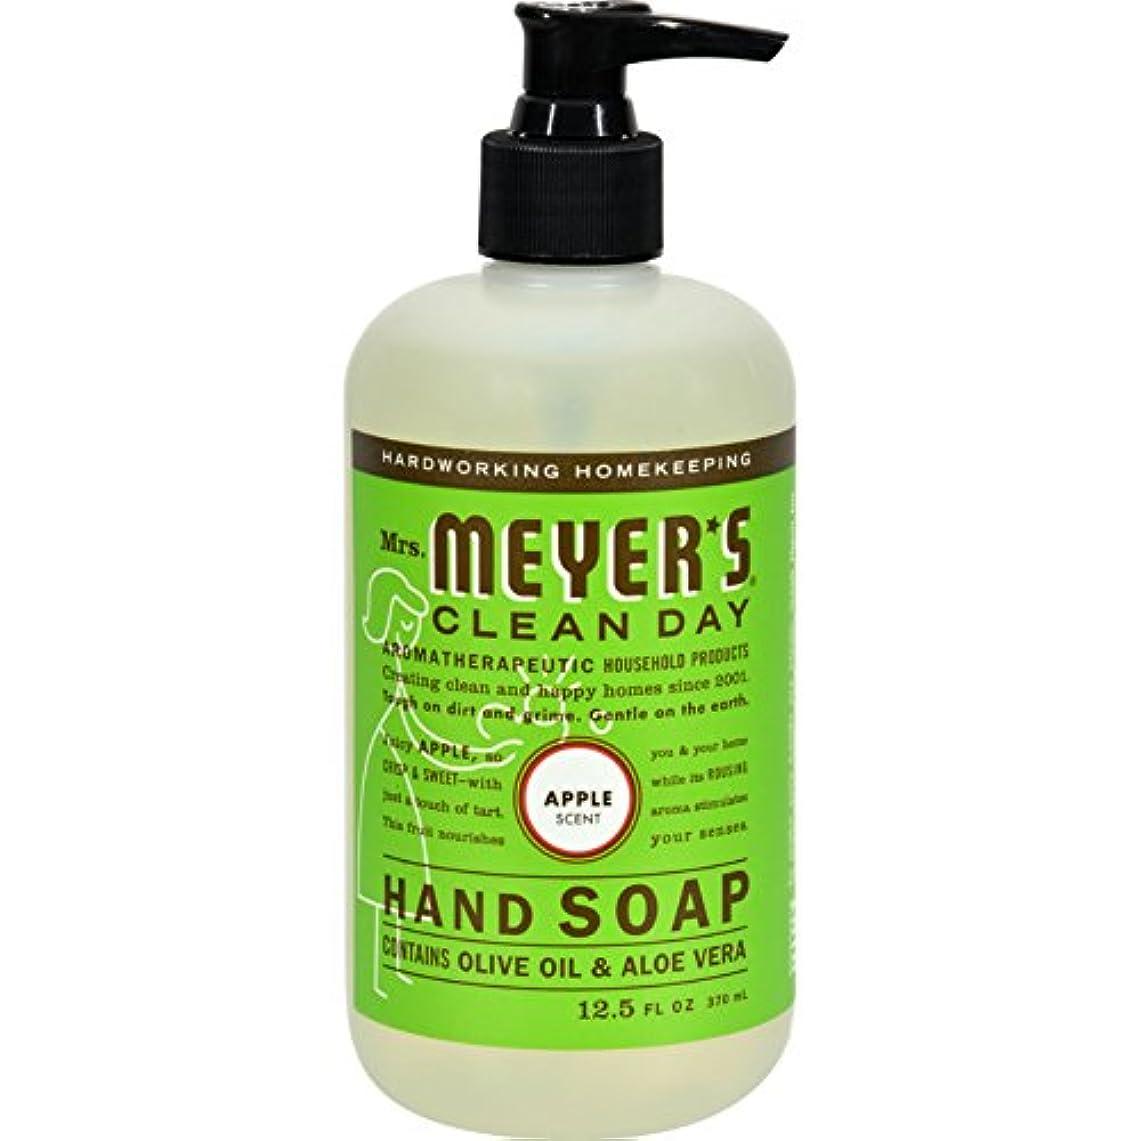 リラックス印象的な二Liquid Hand Soap - Apple - Case of 6 - 12.5 oz by Mrs. Meyer's